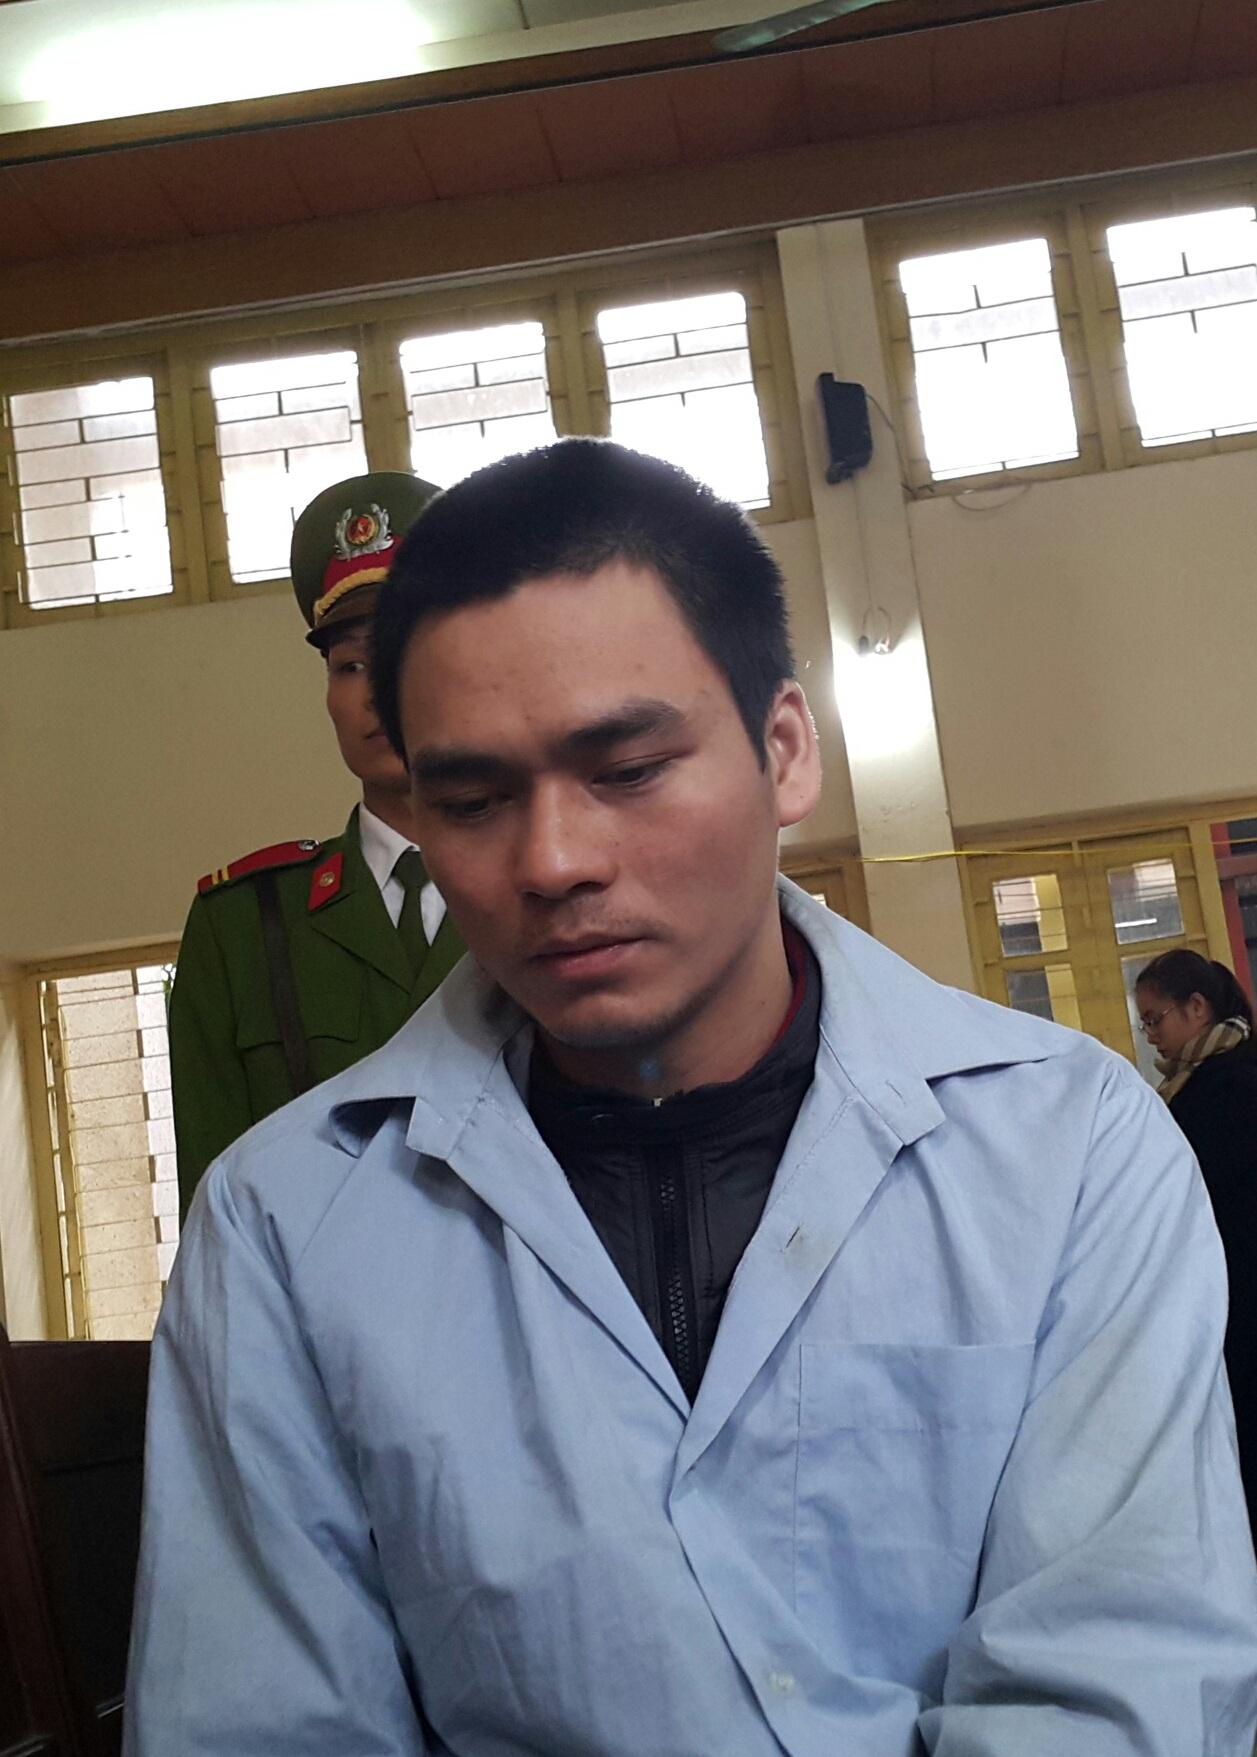 Bị cáo Lý Nguyễn Chung tại phiên tòa sơ thẩm tỉnh Bắc Giang sáng ngày 9/3.